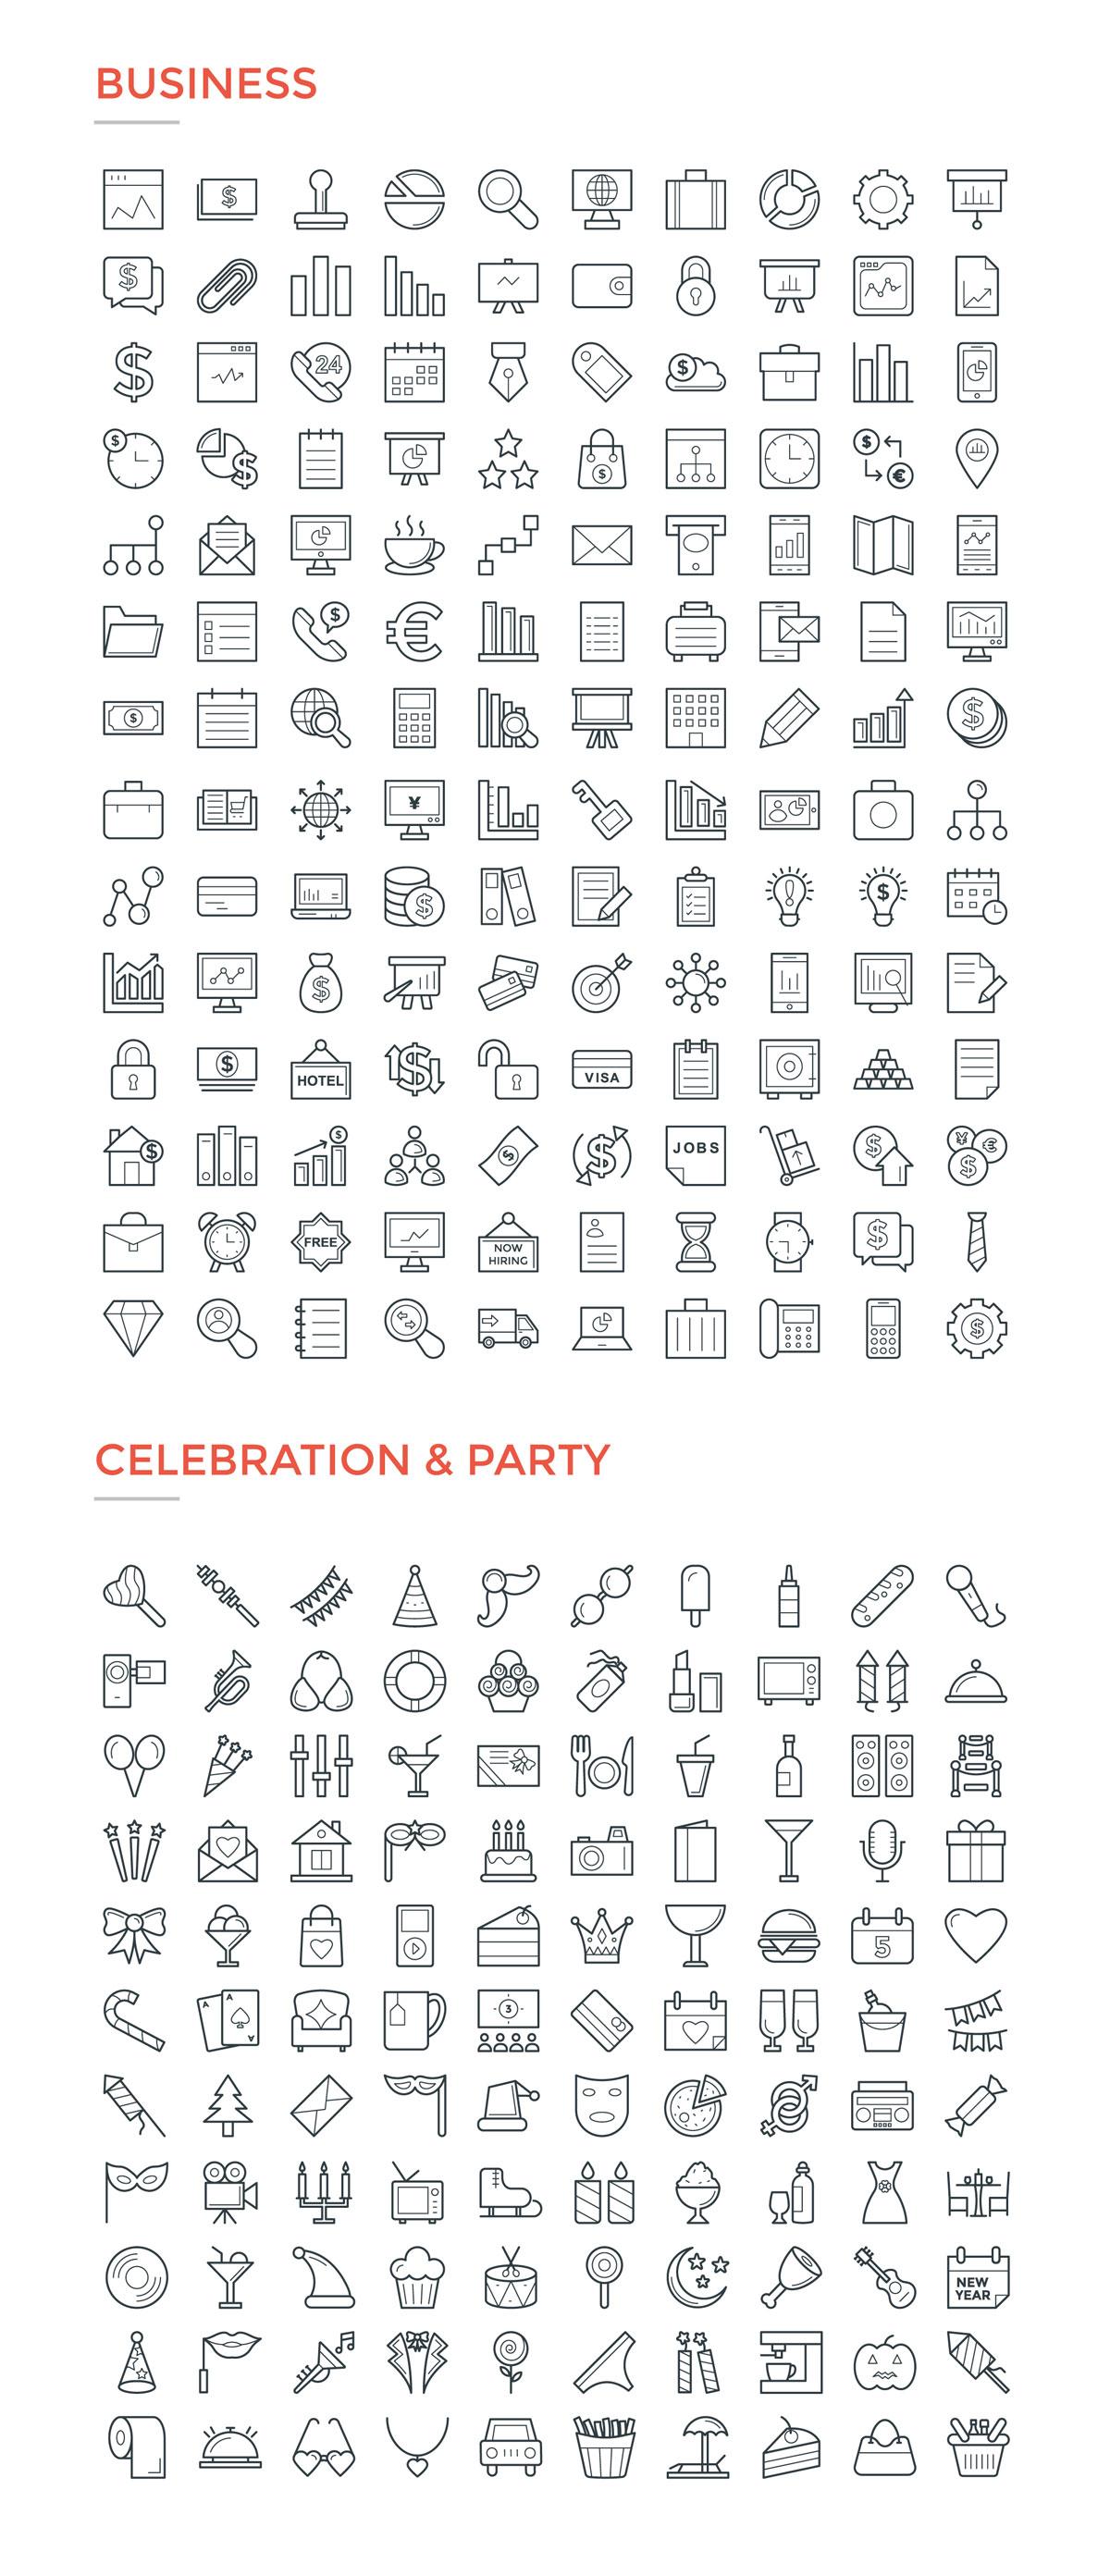 4800款独特的矢量图标合集 4800 Line Icons插图